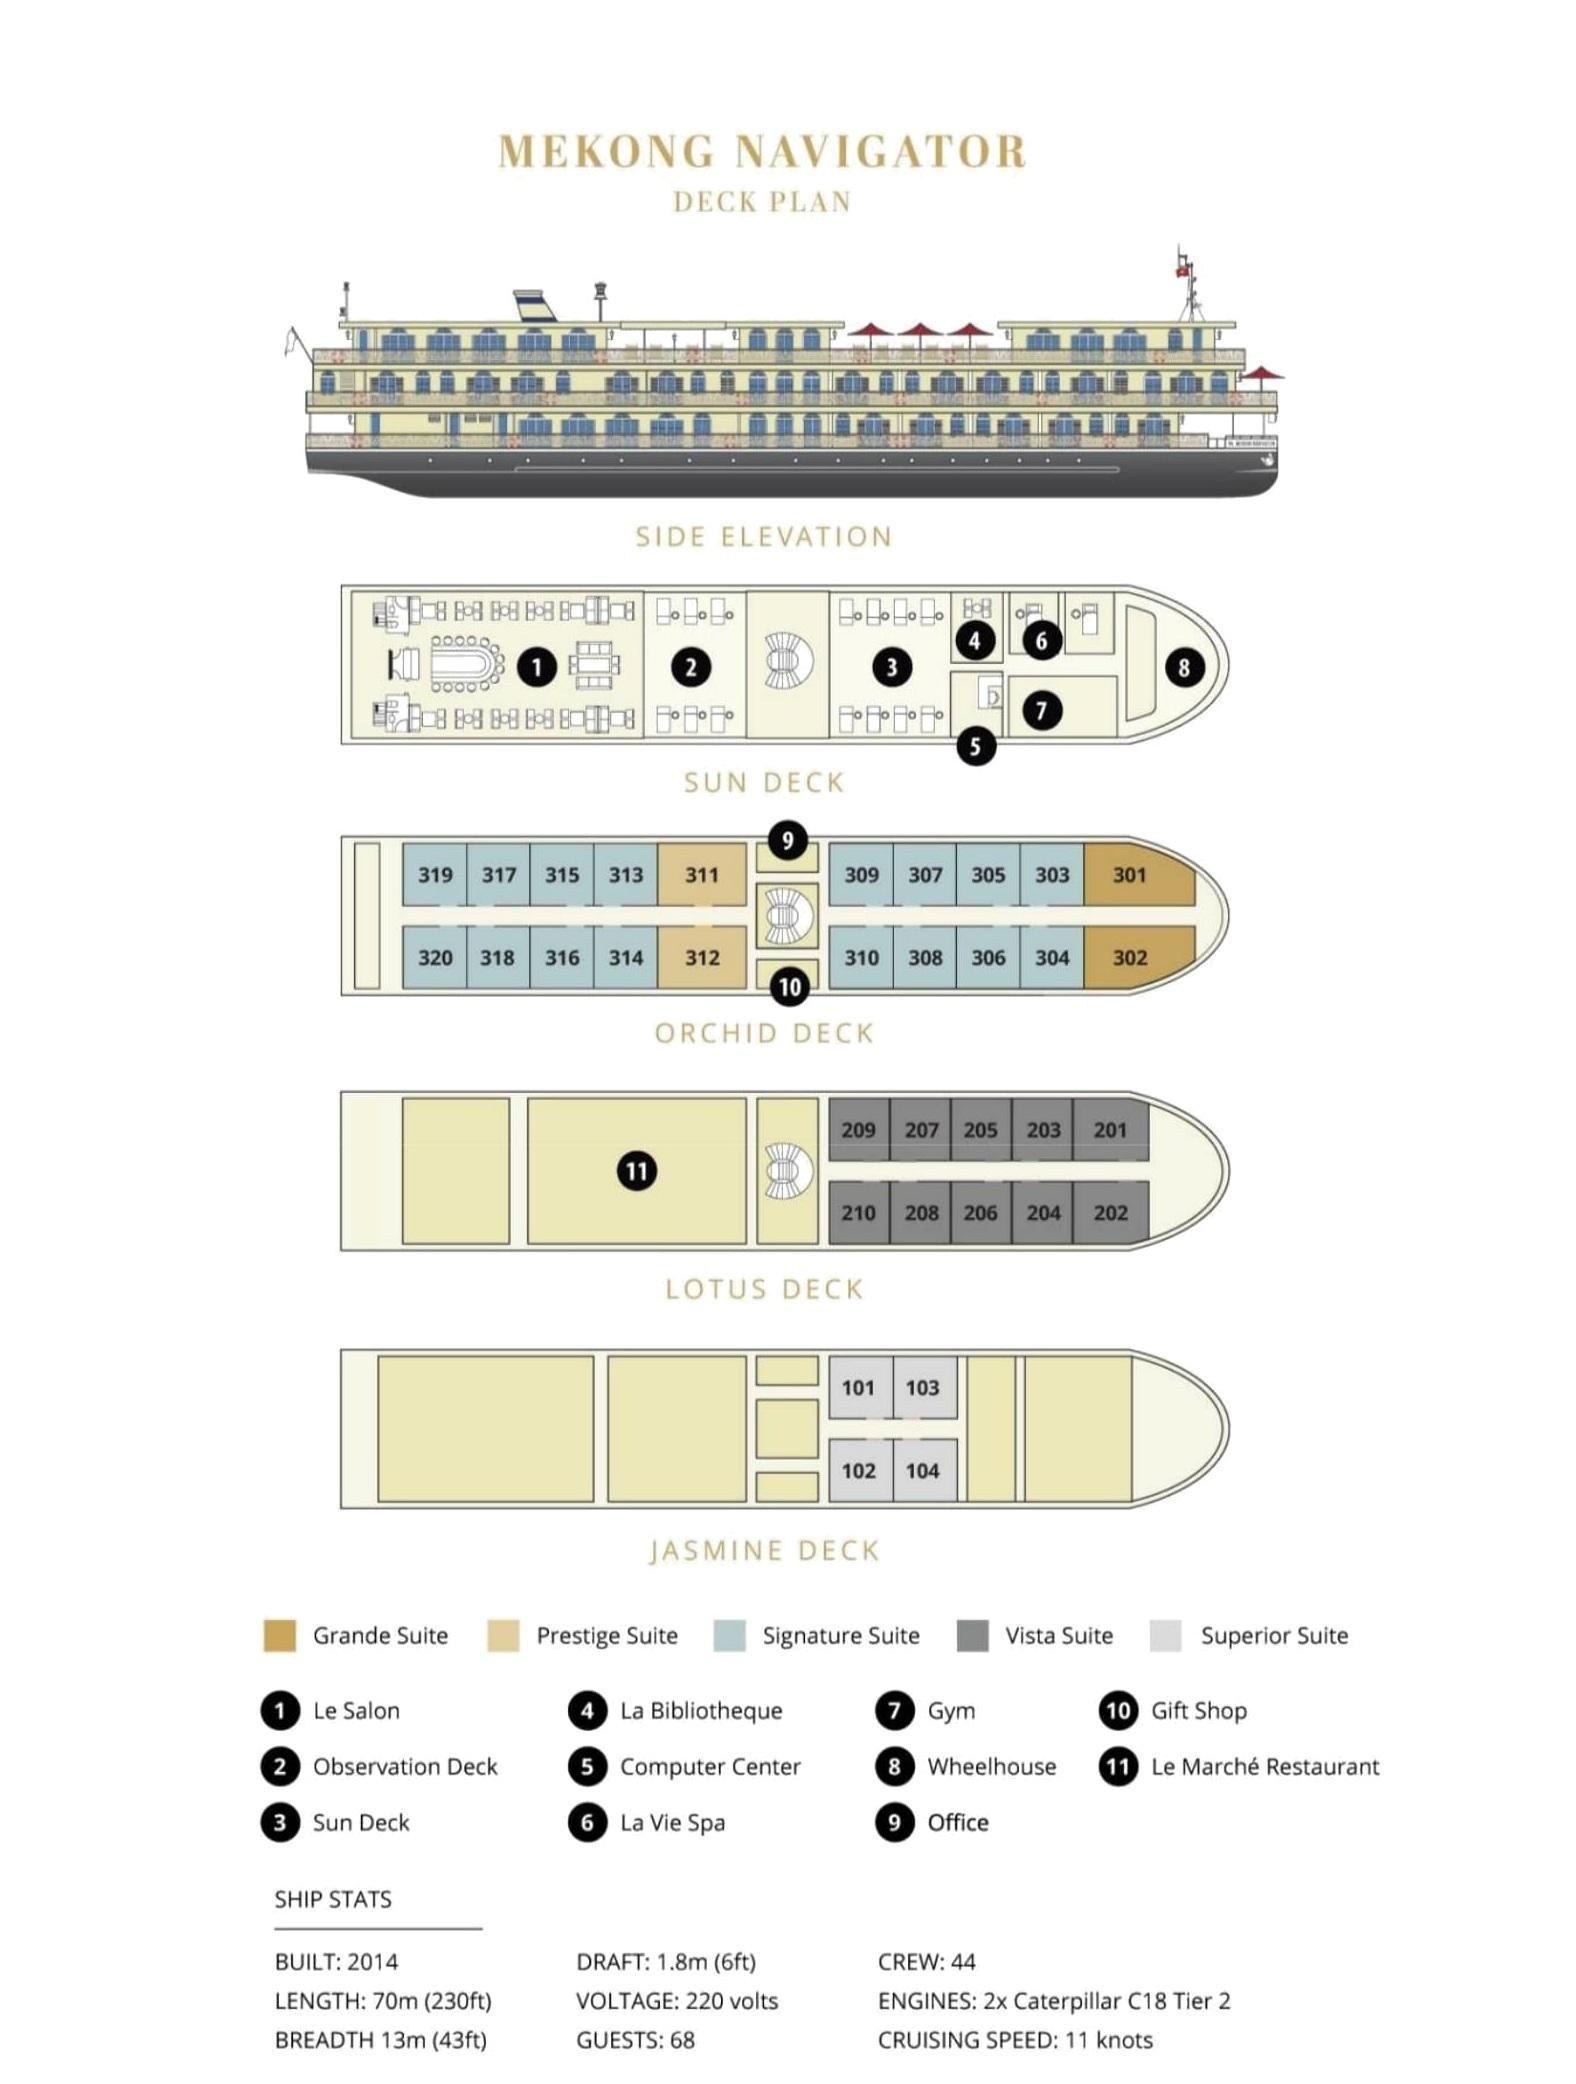 mekong navigator deck plan